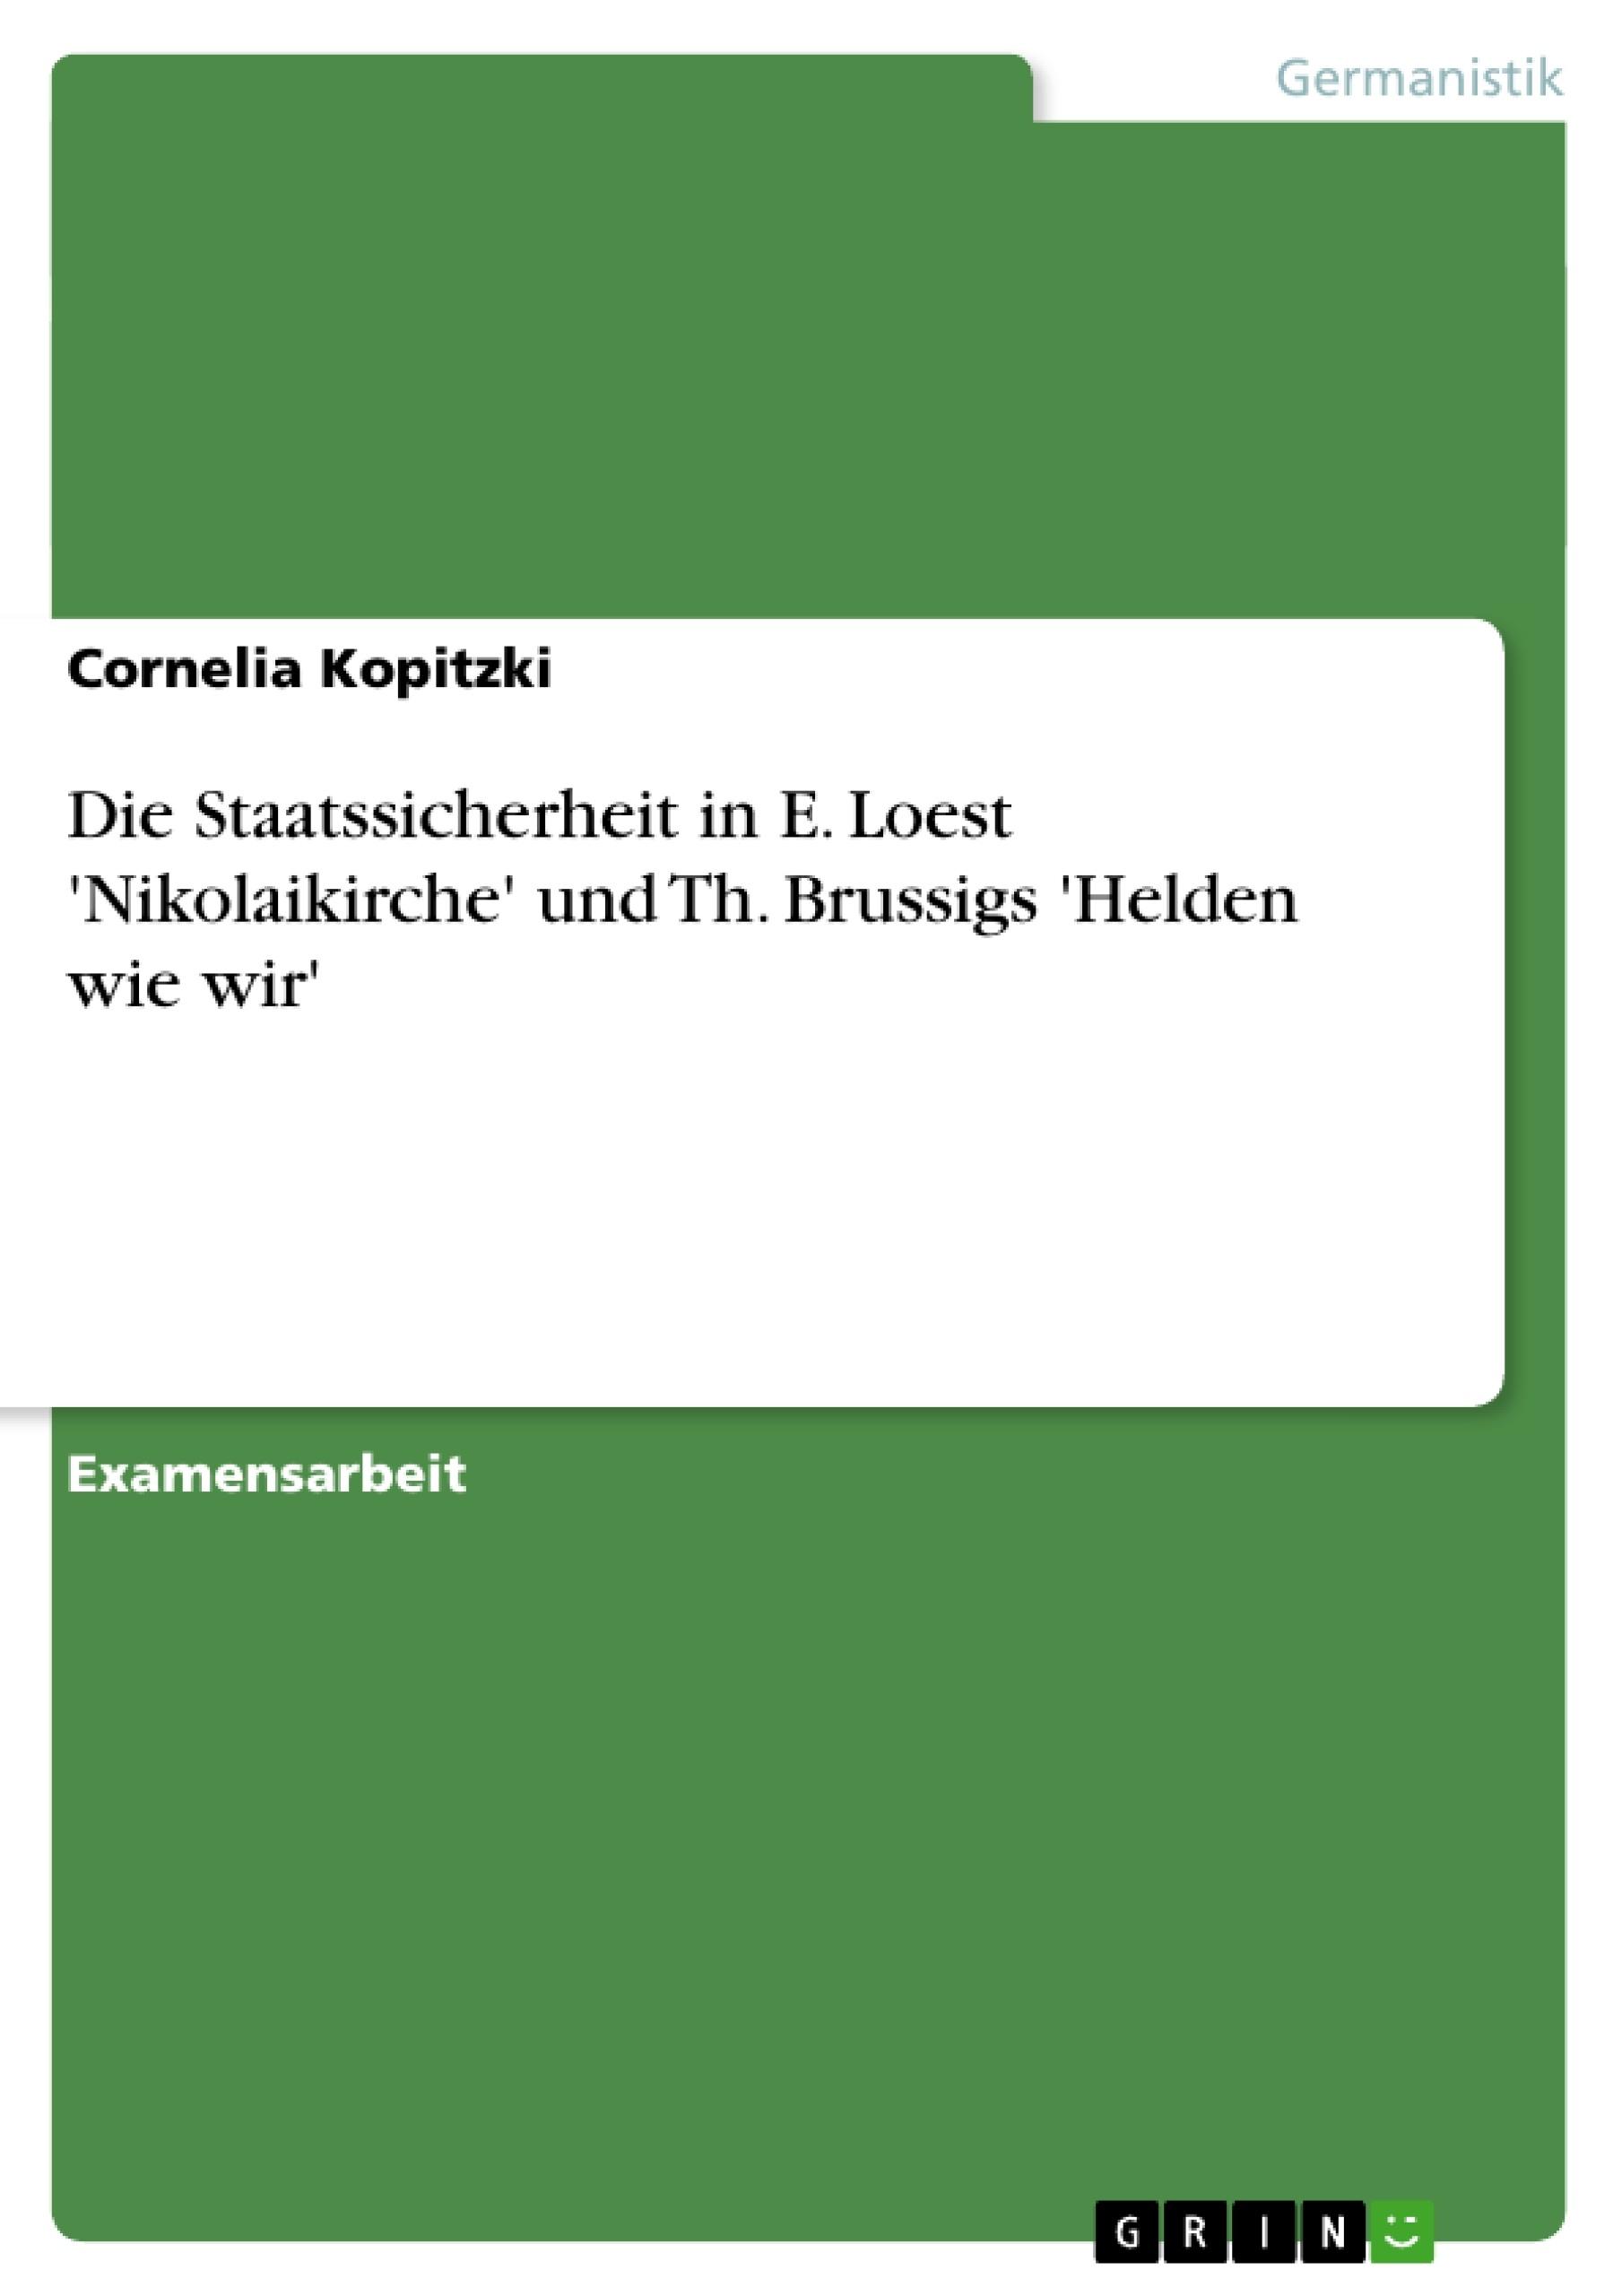 Titel: Die Staatssicherheit in E. Loest 'Nikolaikirche' und Th. Brussigs 'Helden wie wir'